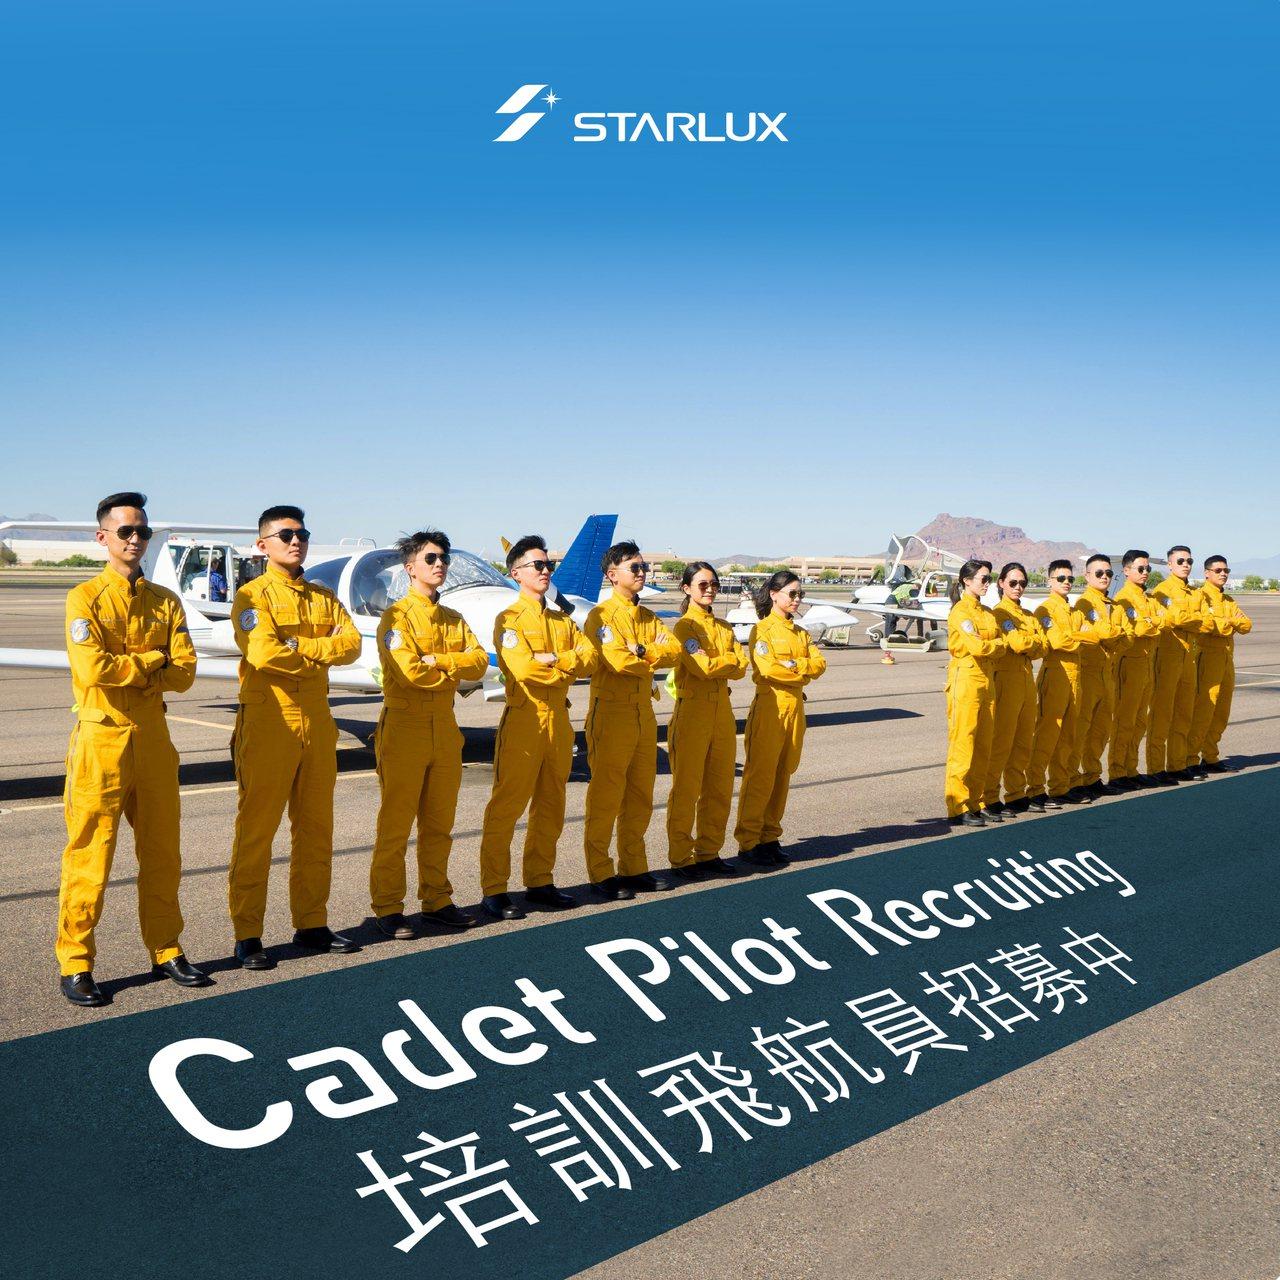 配合新機引進,星宇航空第三梯培訓飛航員招募計畫開始開放投遞履歷,即日起至12月3...